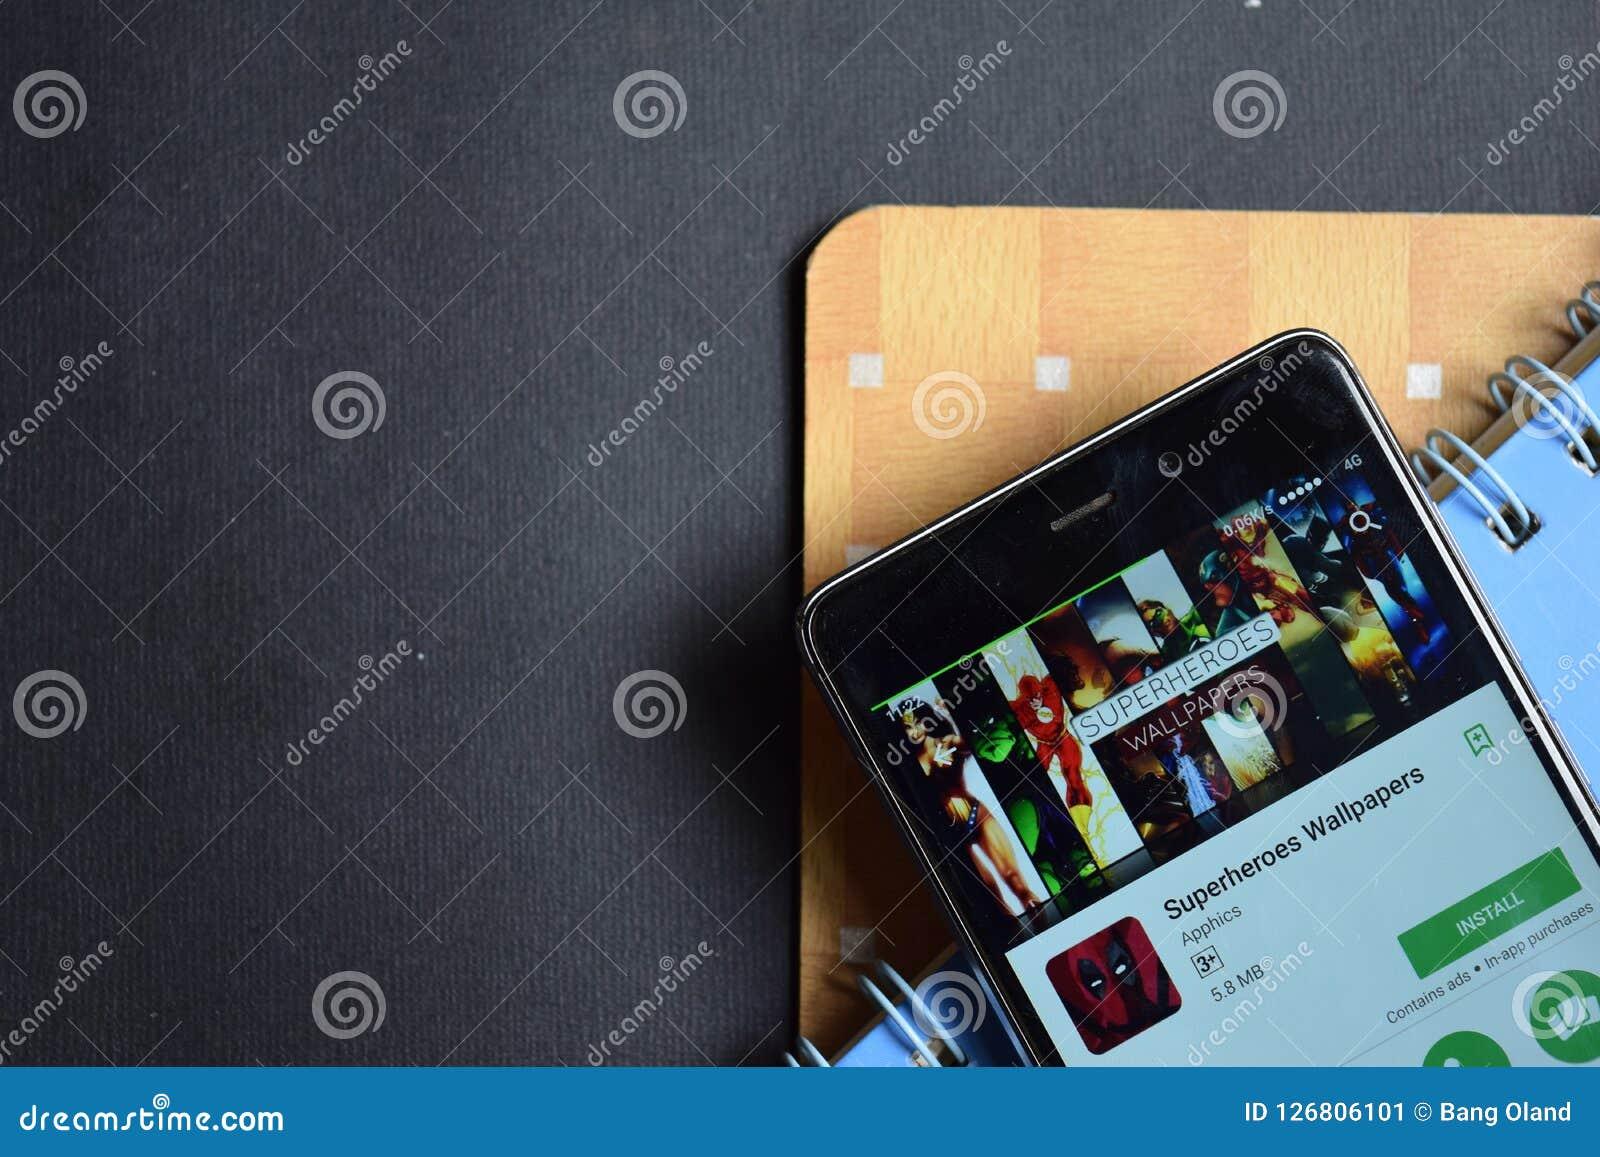 Superheroes Wallpapers Dev App On Smartphone Screen ...